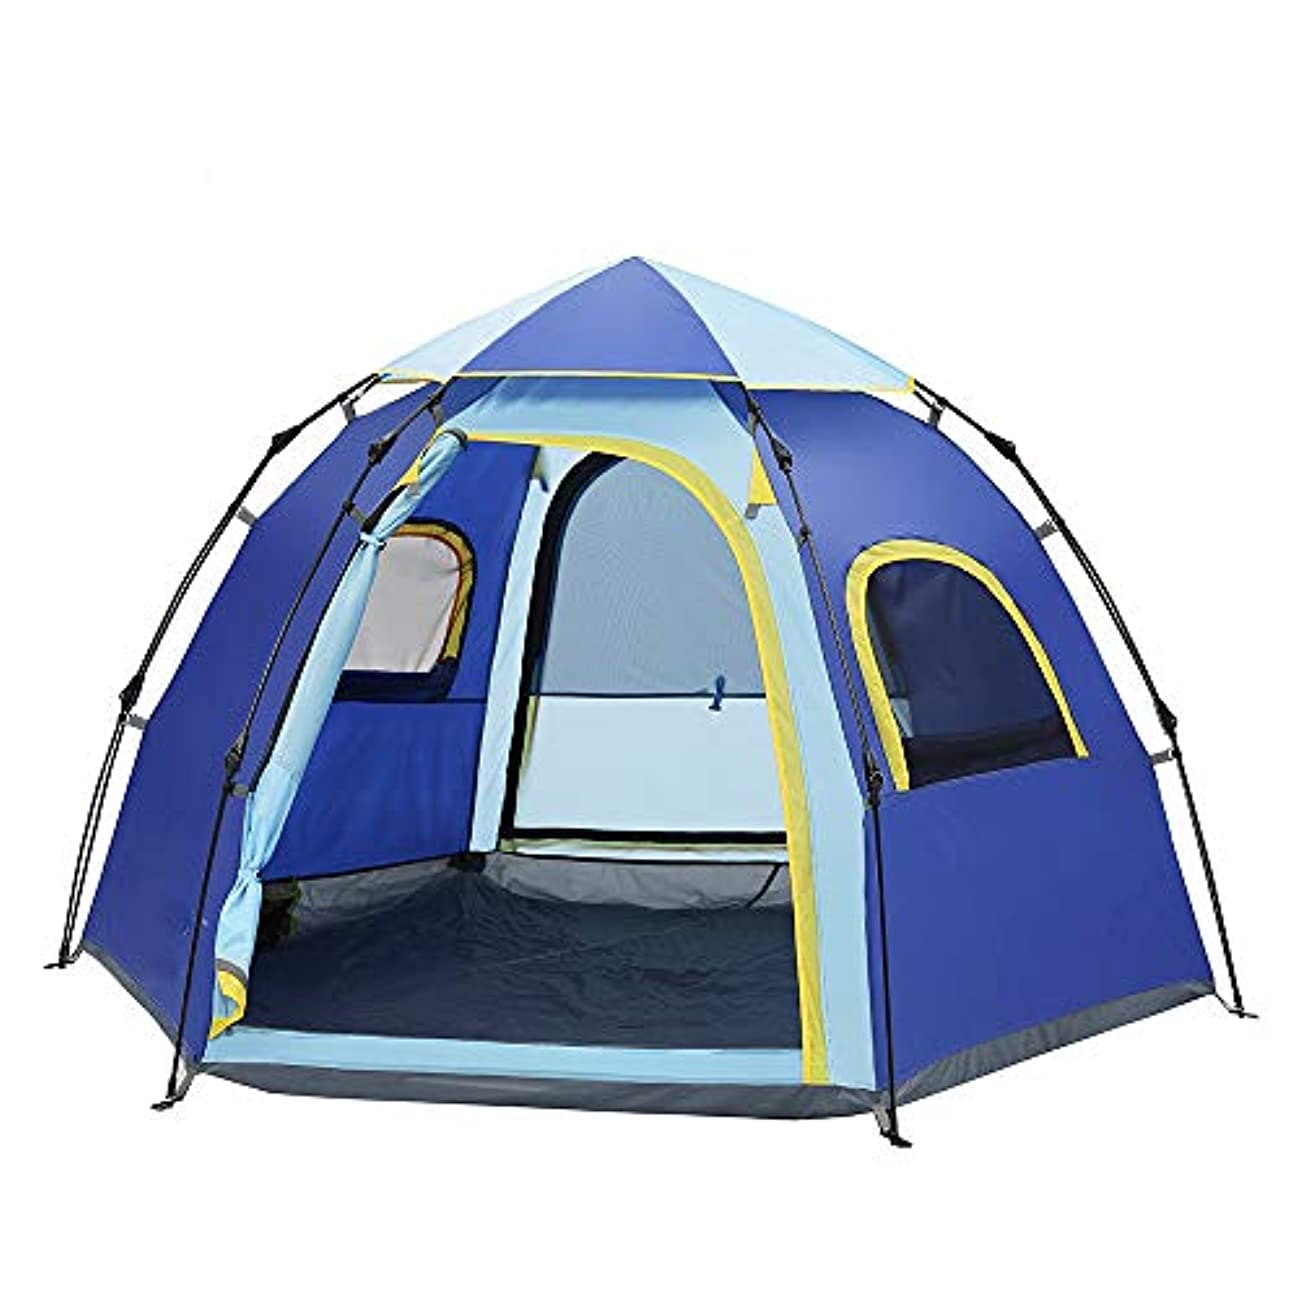 軽減するぺディカブ明示的に屋外自動テント、5-6人六角形のレジャーパオキャンプキャンプレジャー屋外無料スピードを構築するオープンテント(青)